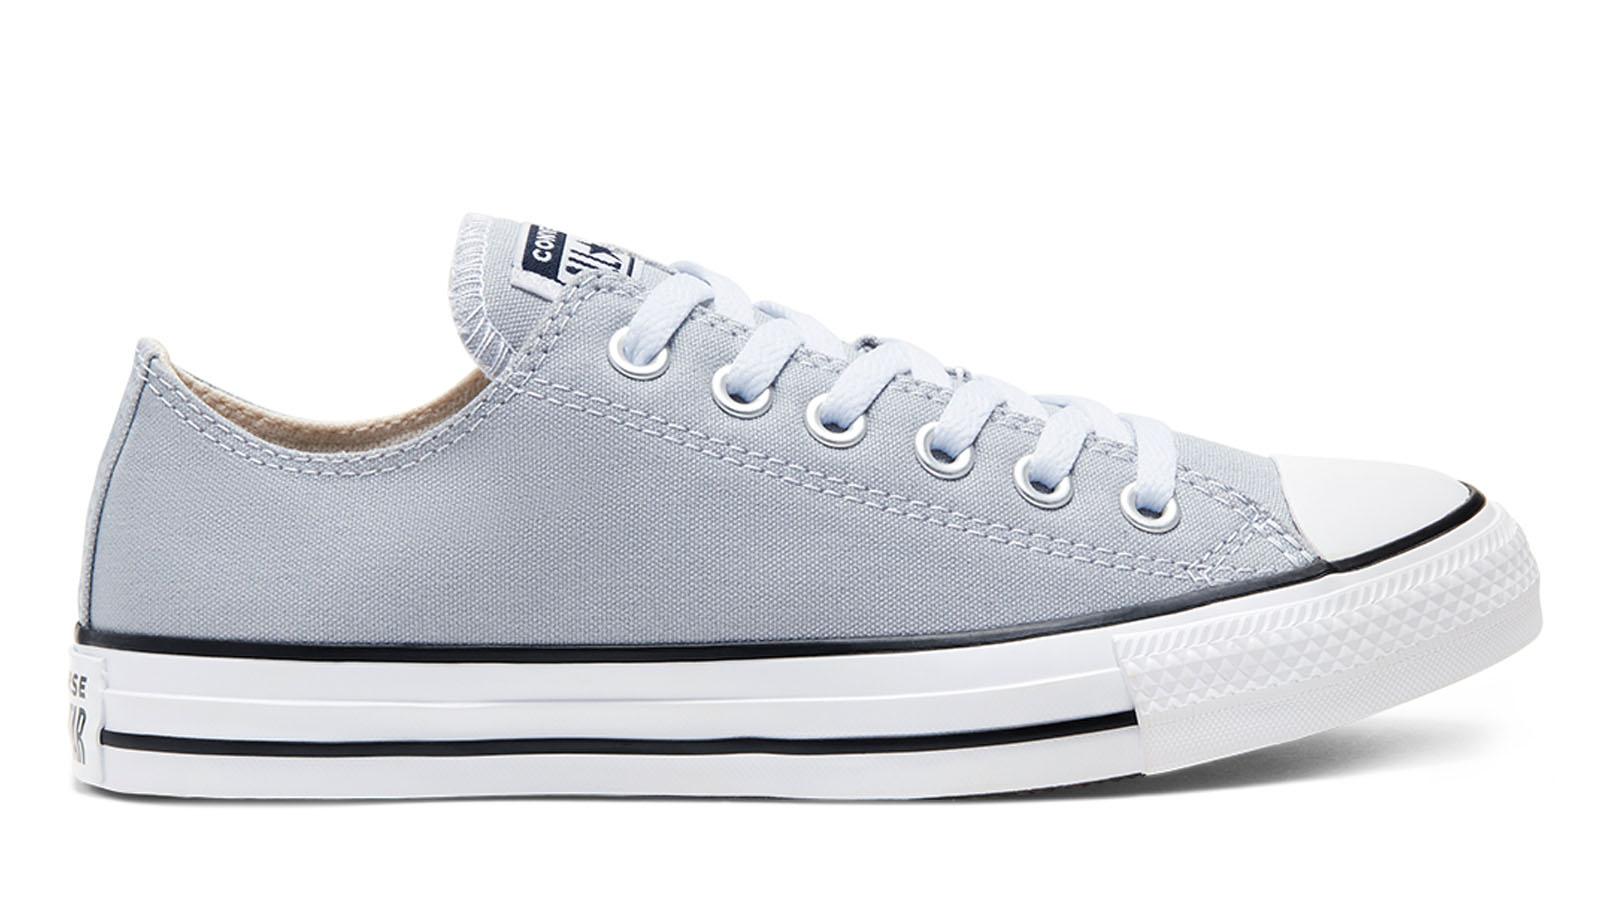 converse low top grey